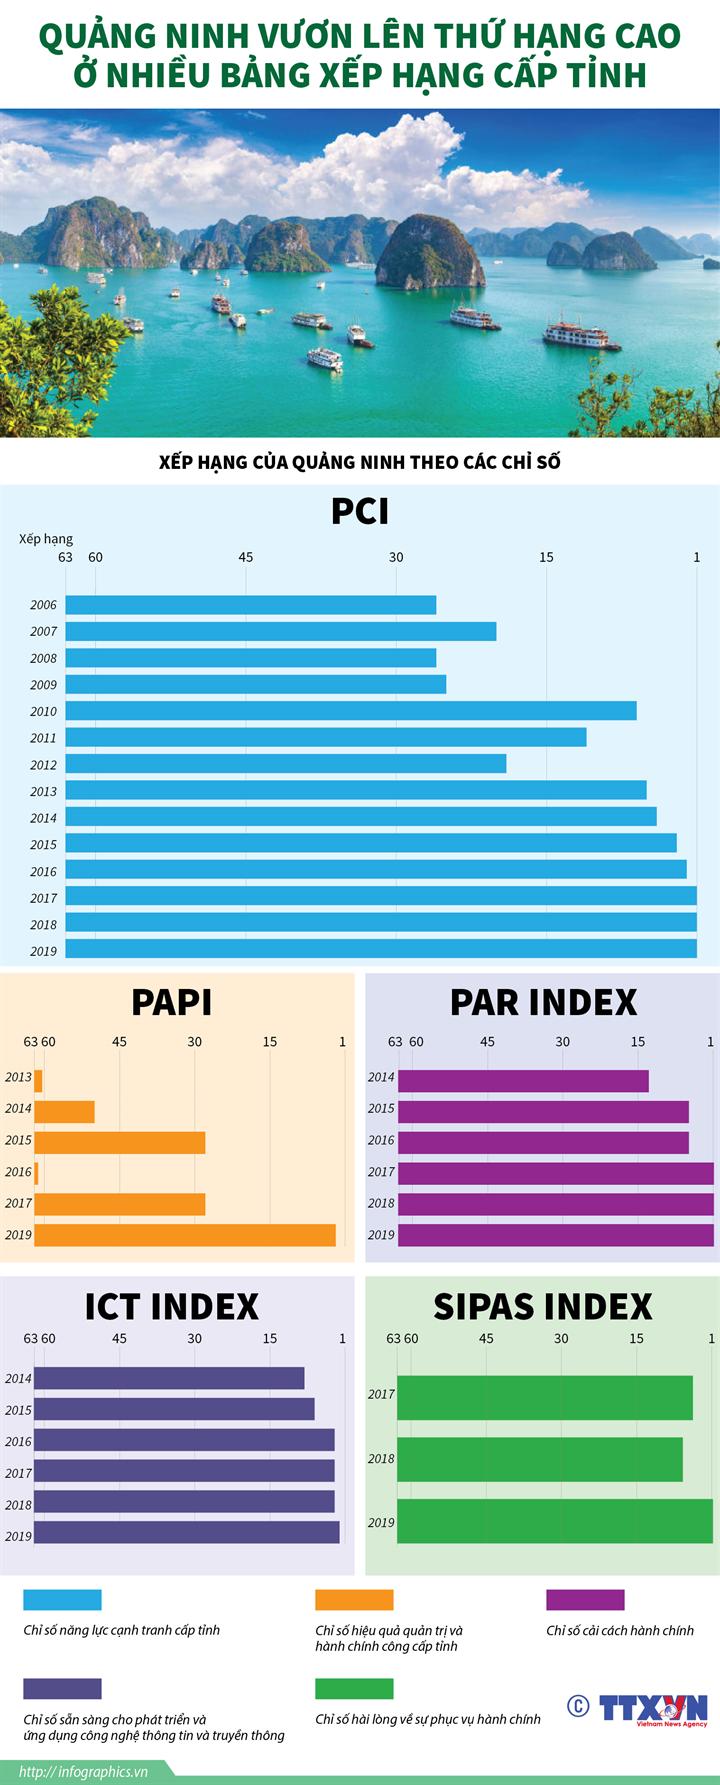 Quảng Ninh vươn lên thứ hạng cao ở nhiều bảng xếp hạng cấp tỉnh